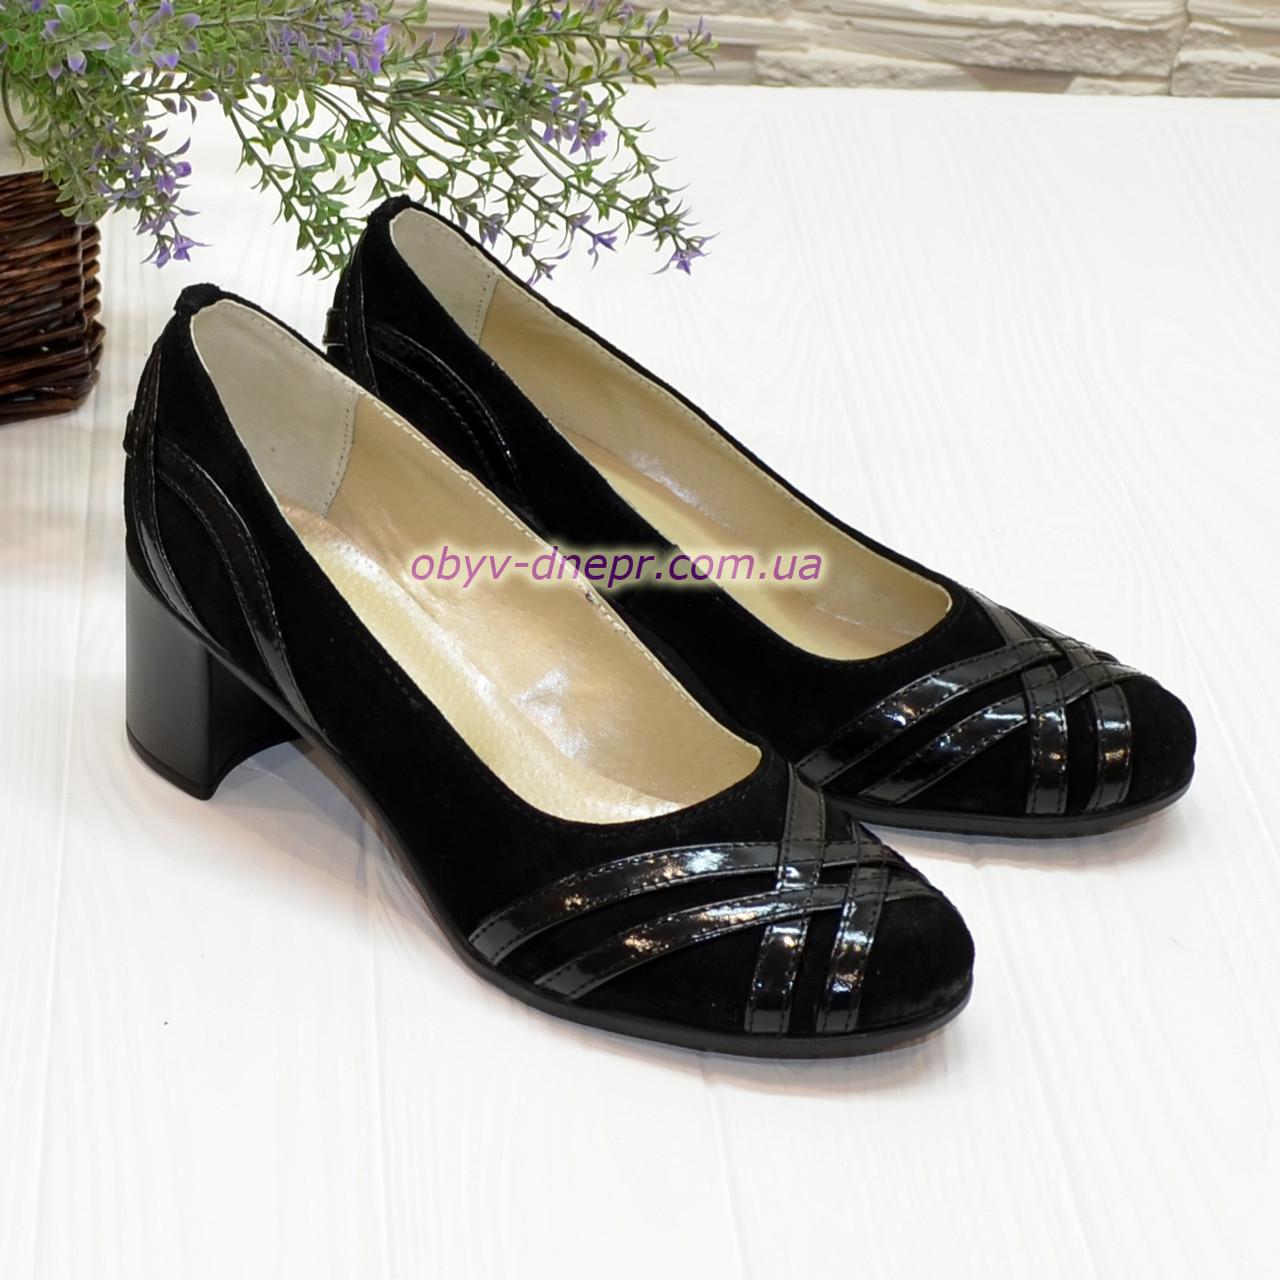 Туфли женские комбинированные на каблуке